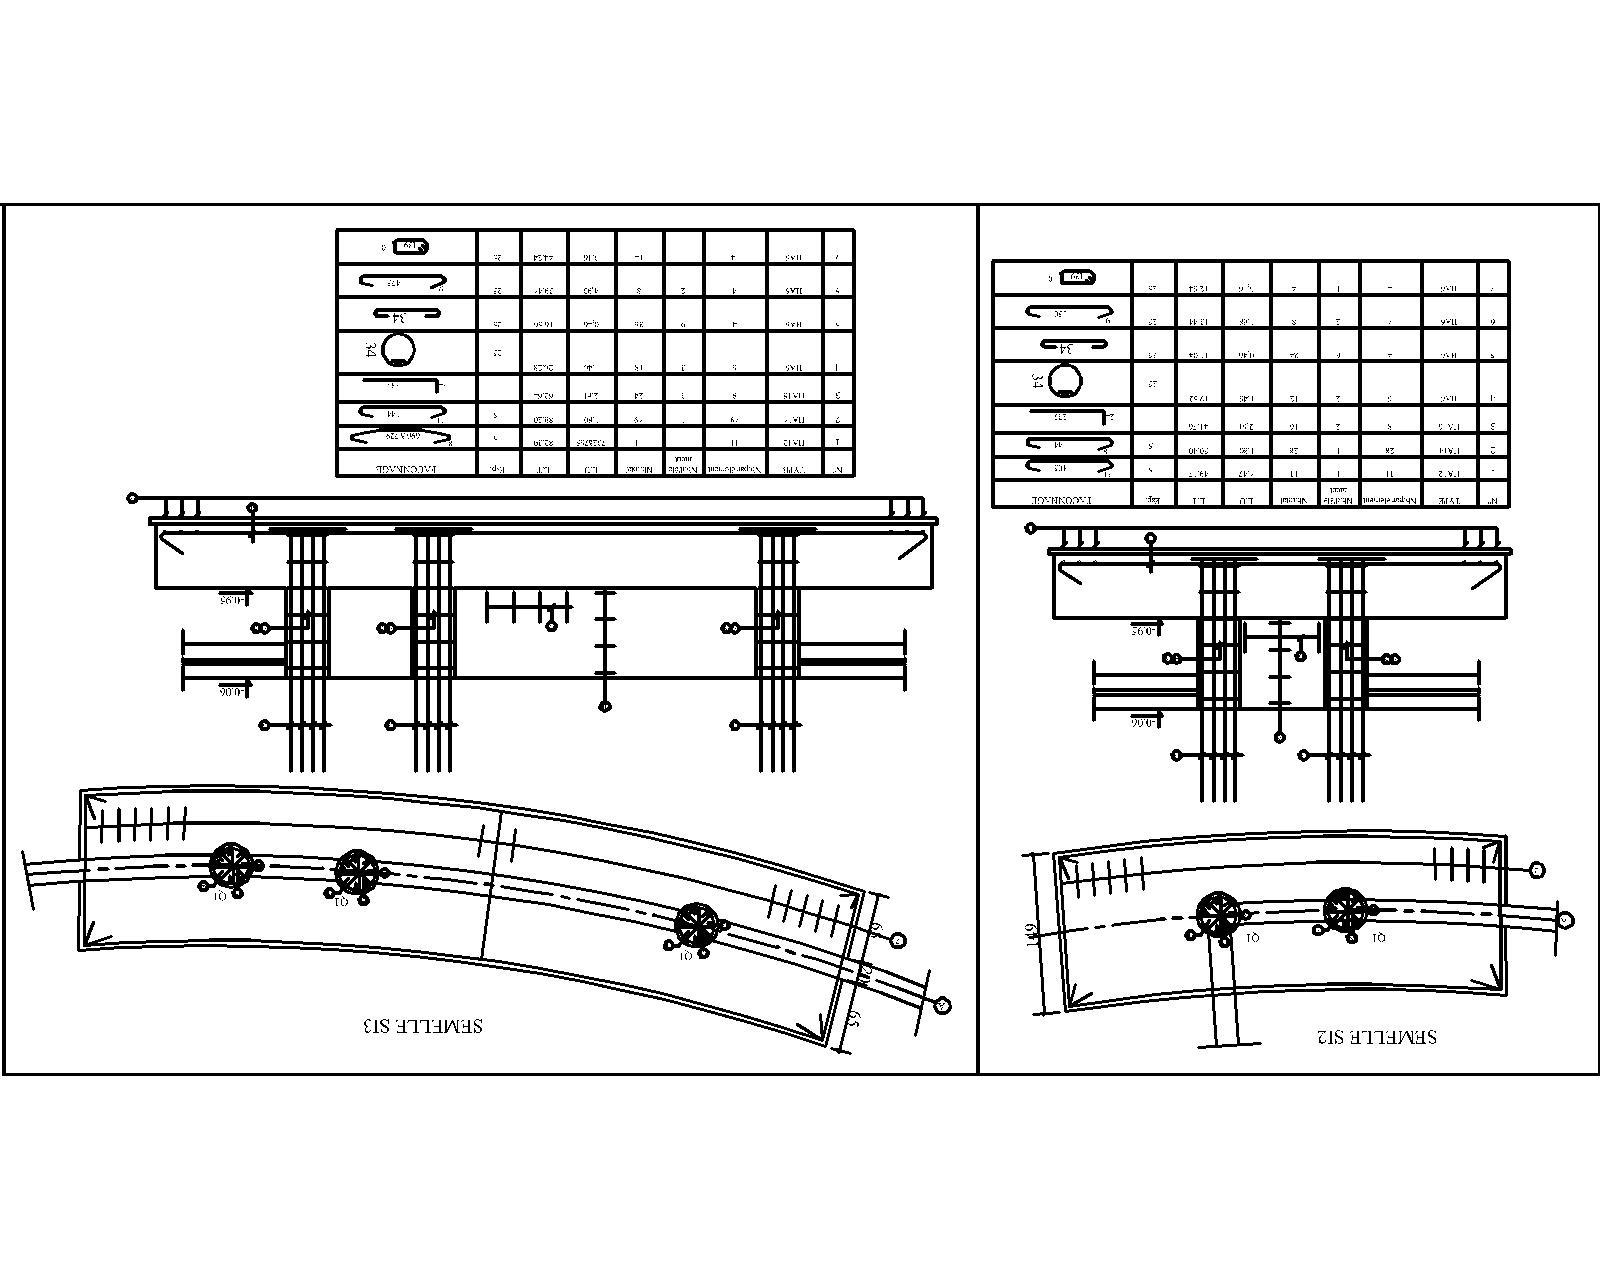 Dessin maison plan architecture habitations for Dessin fondation maison